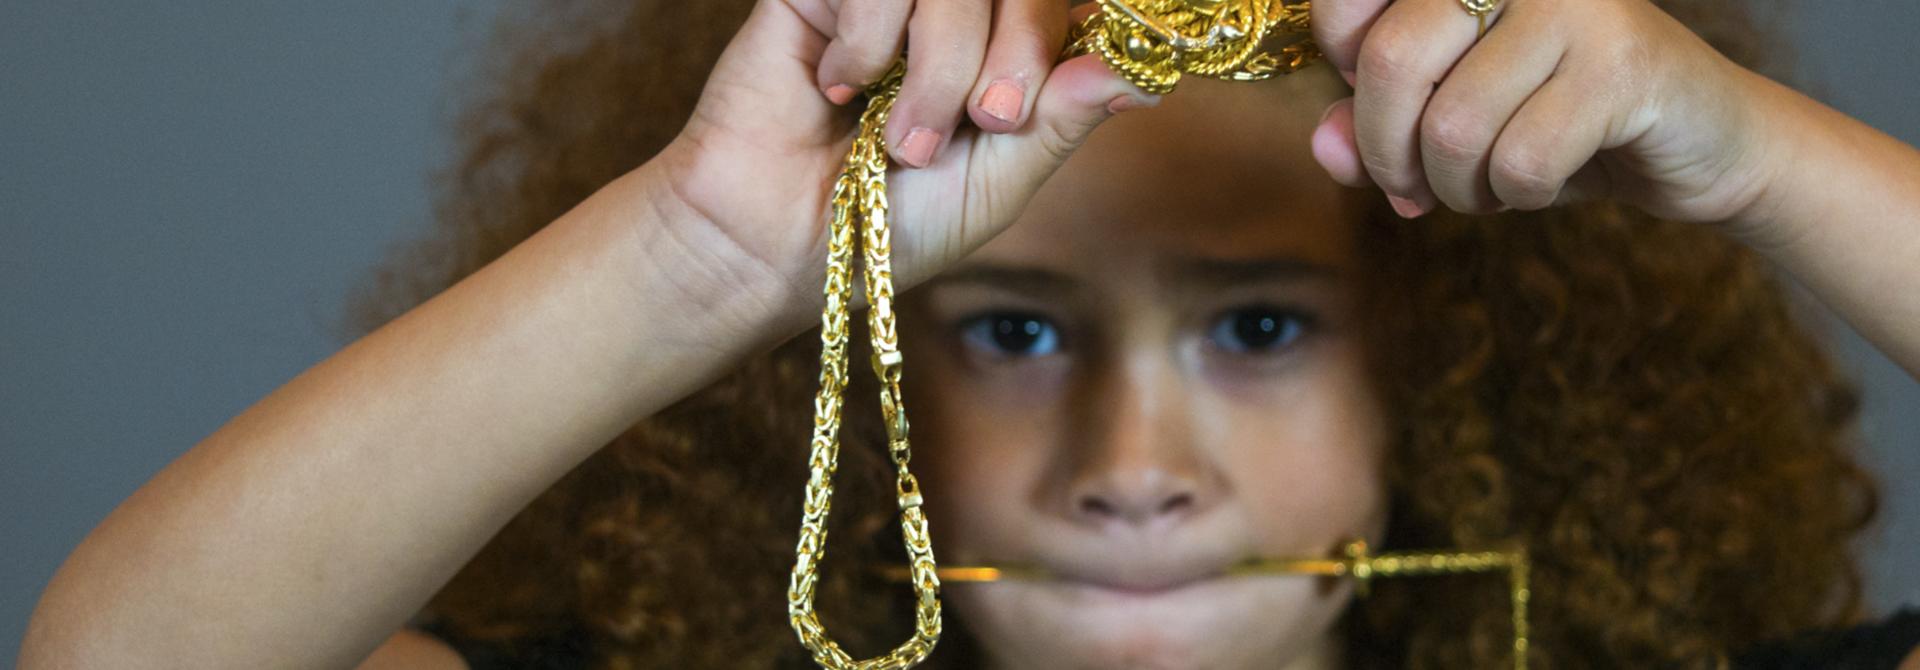 Kinder armbanden